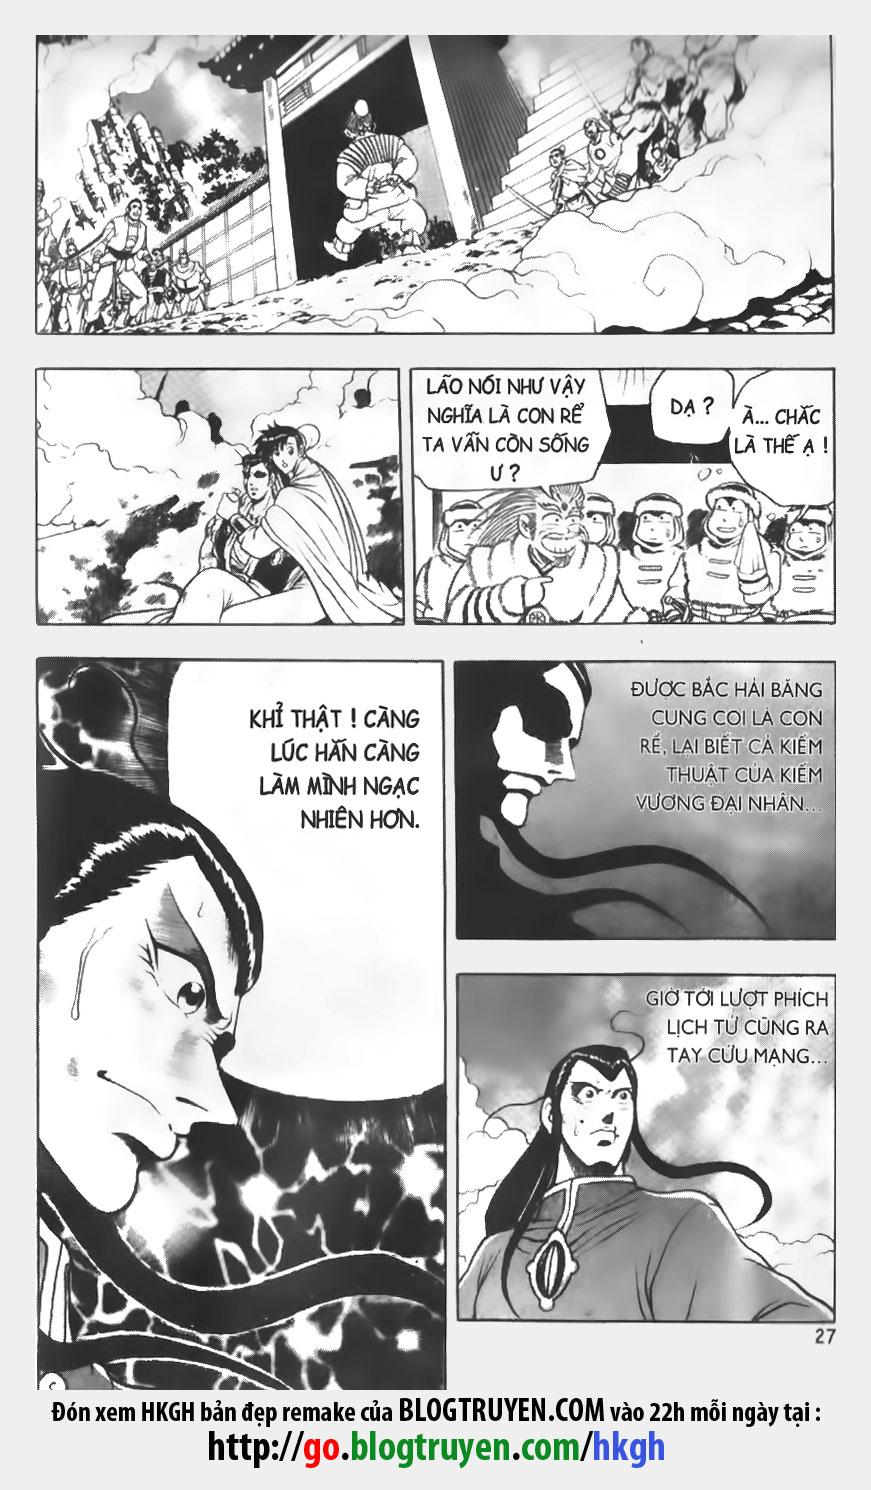 xem truyen moi - Hiệp Khách Giang Hồ Vol10 - Chap 062 - Remake